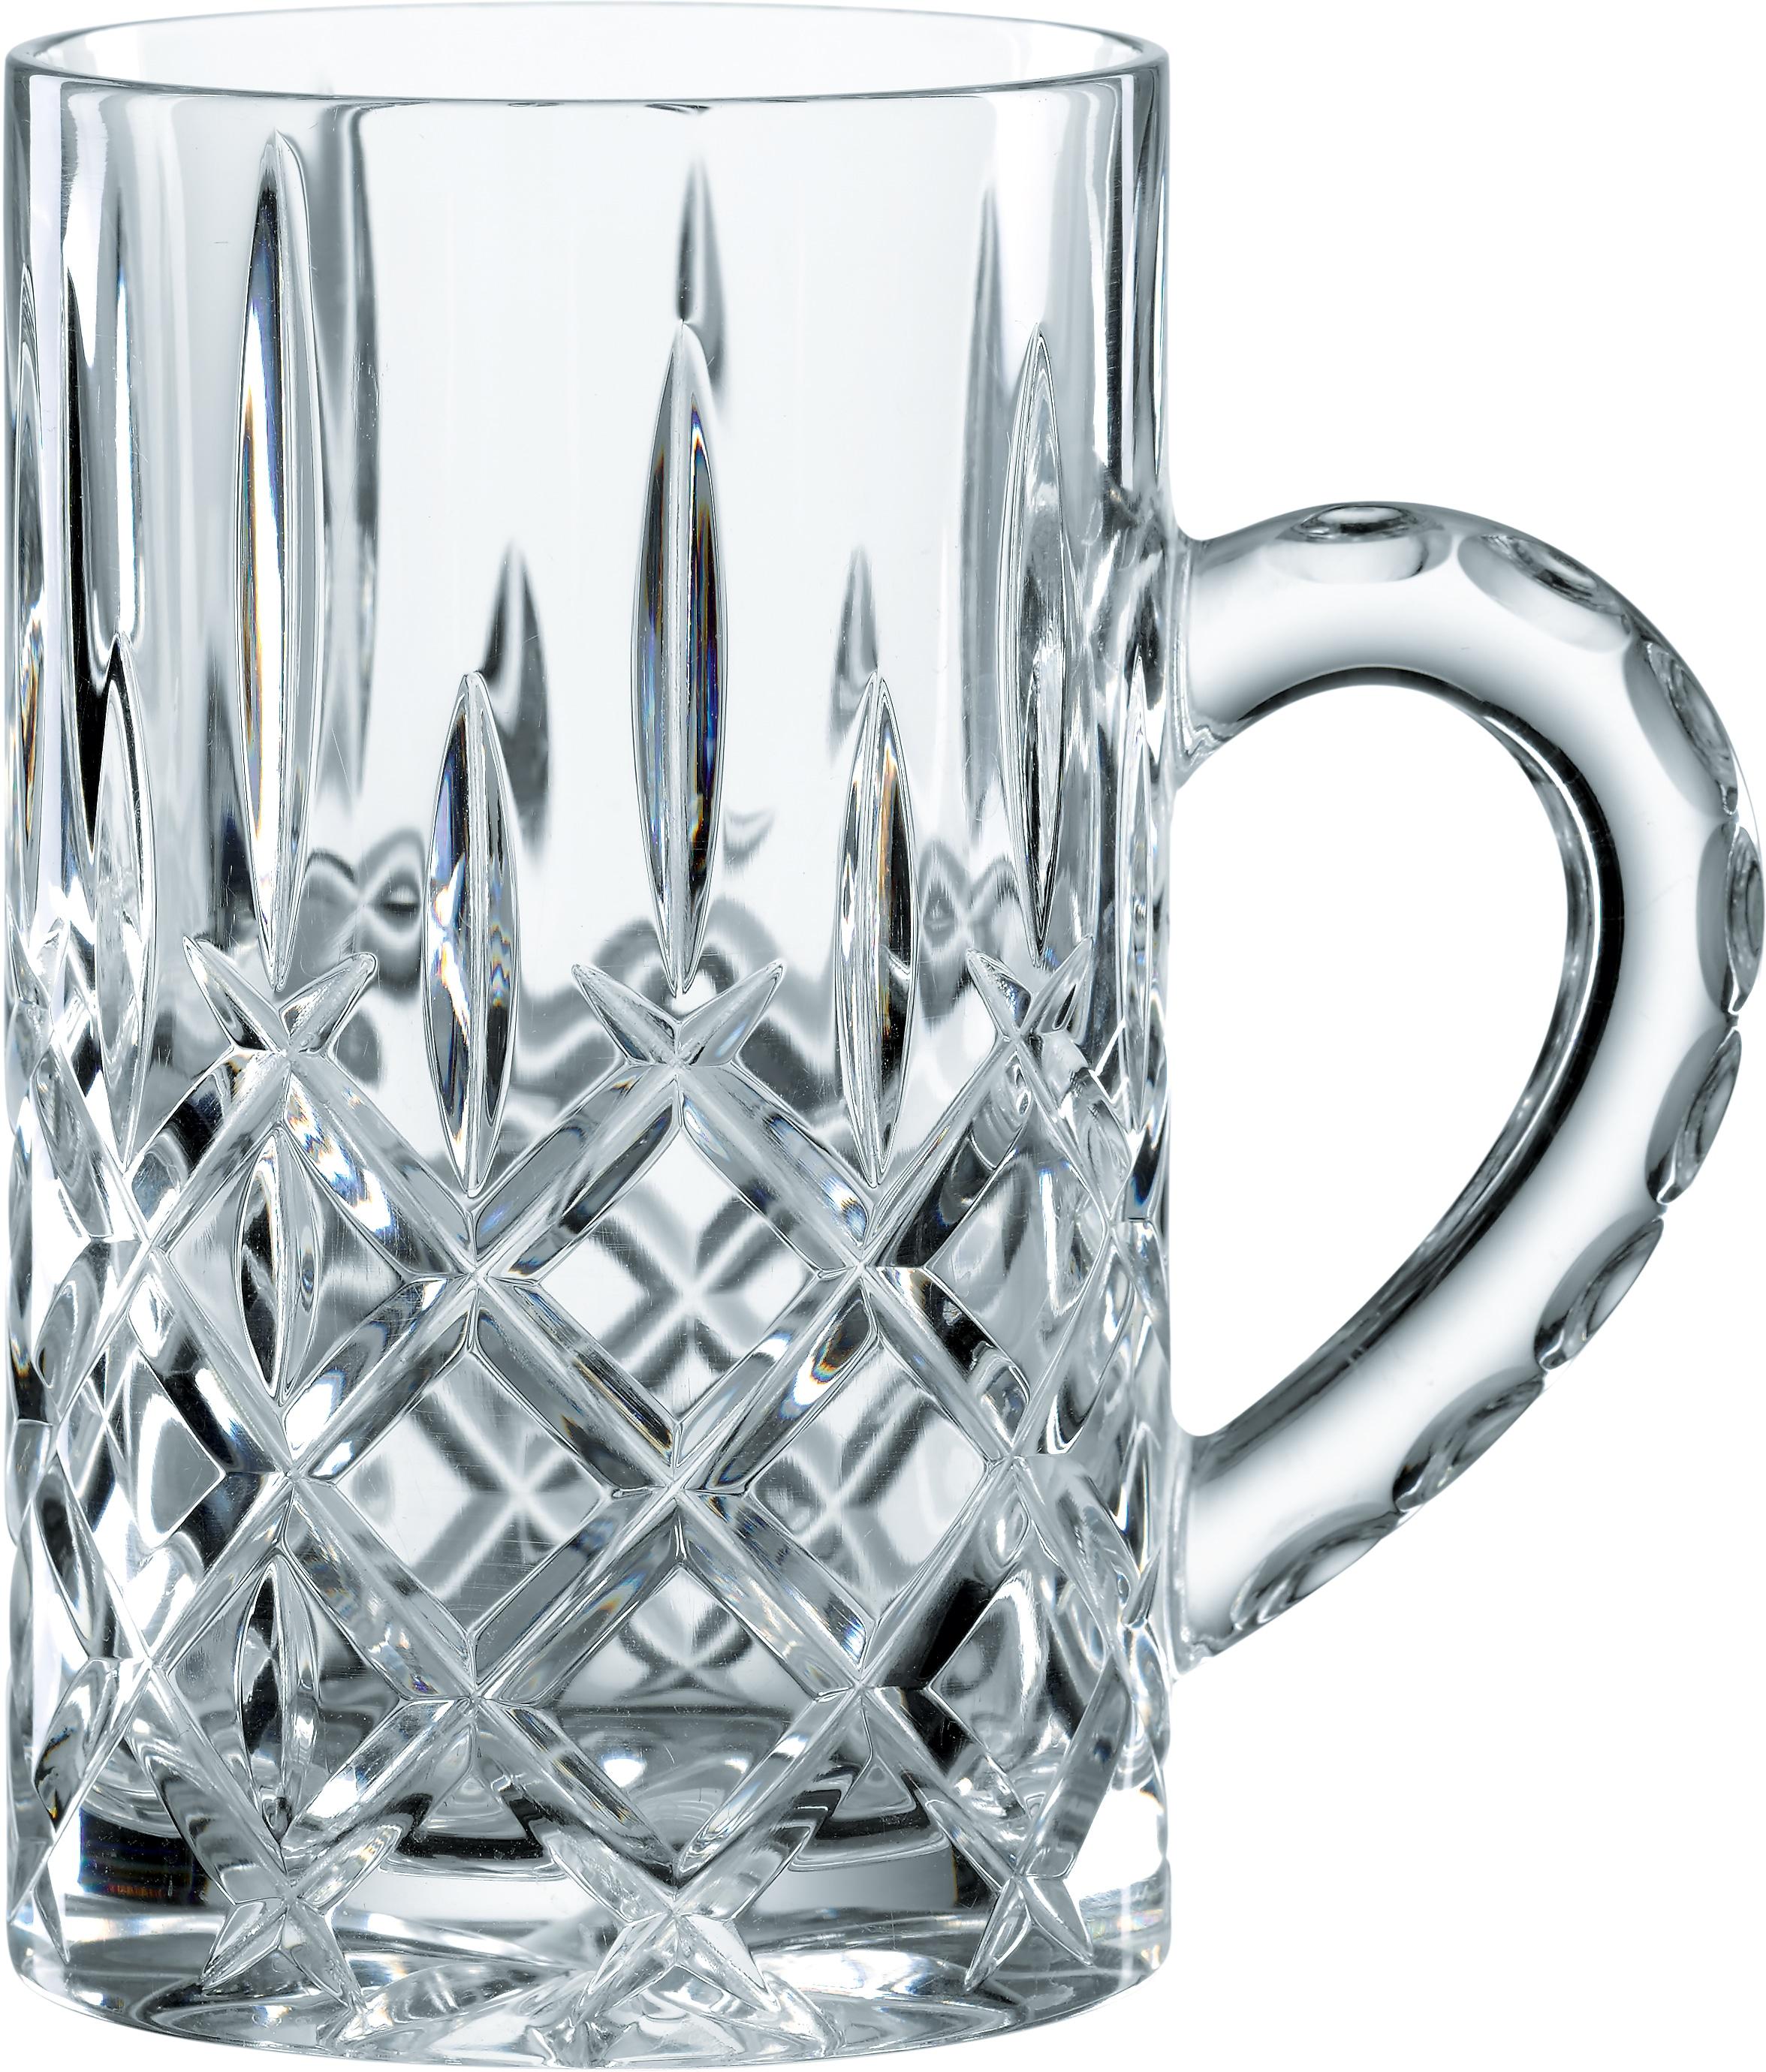 Nachtmann Teeglas Noblesse, (Set, 4 tlg.), für Glühwein, 250 ml, 4-teilig farblos Kristallgläser Gläser Glaswaren Haushaltswaren